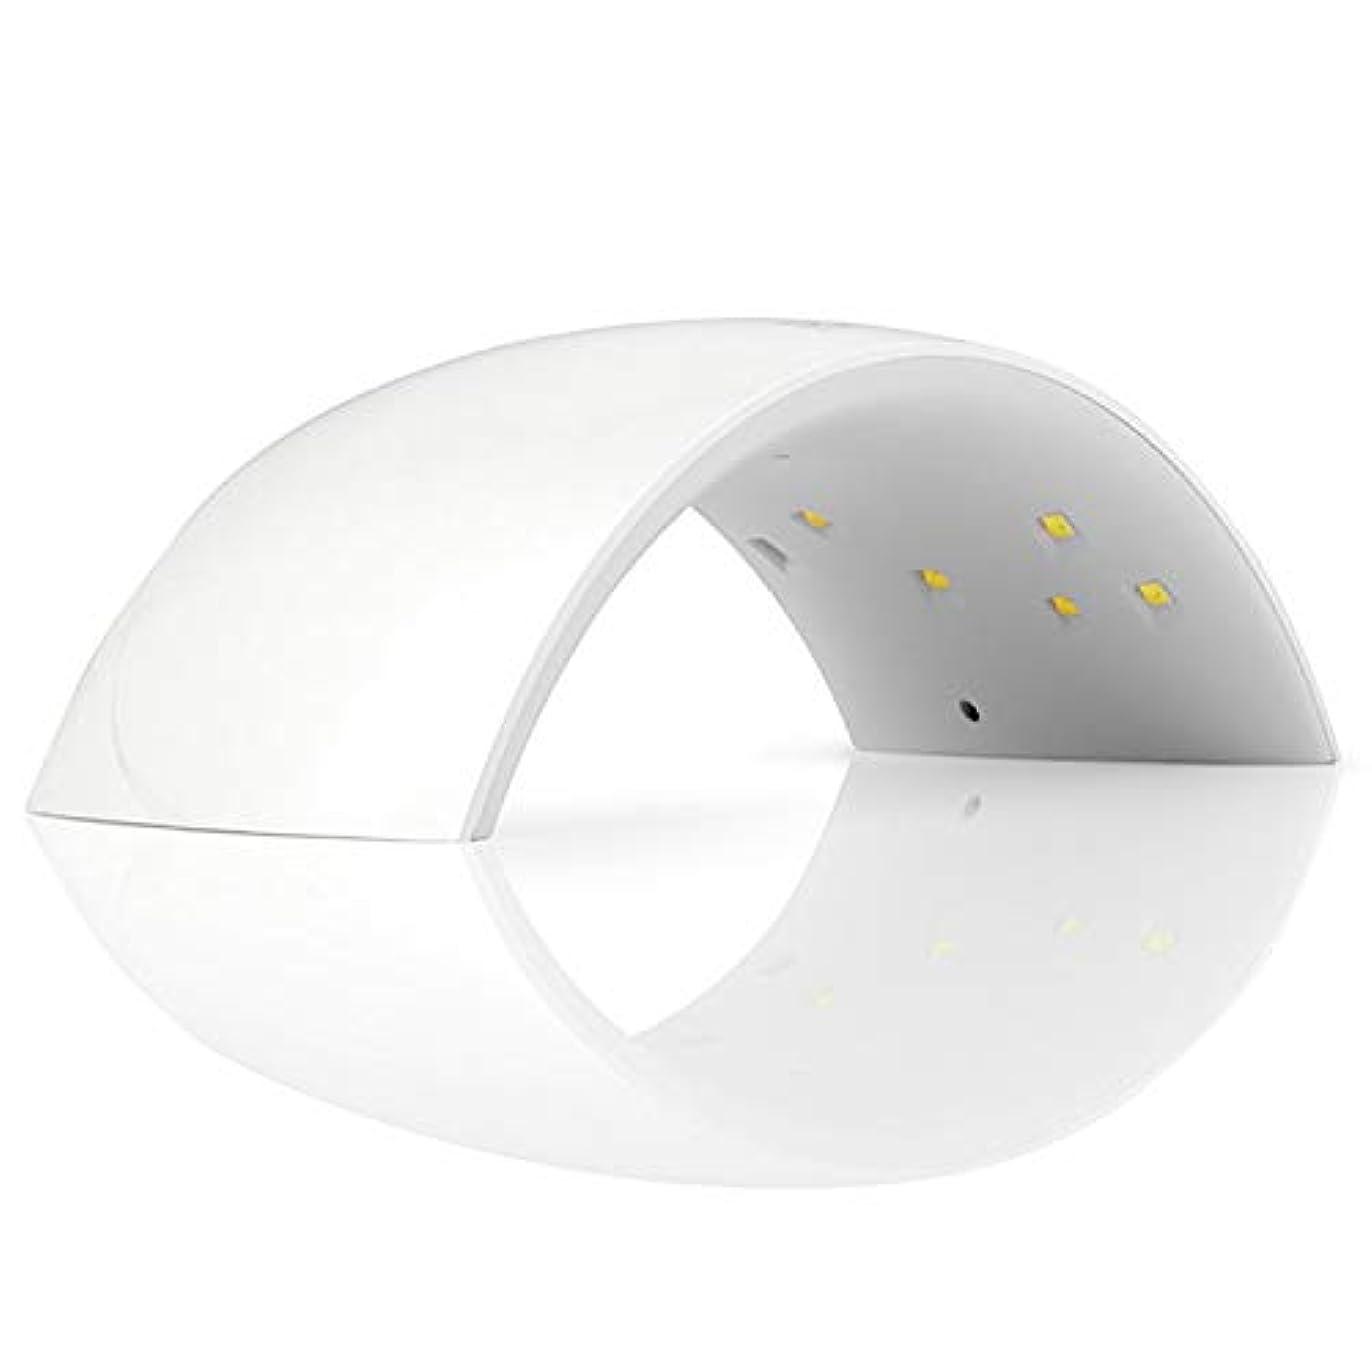 多くの危険がある状況複製する特徴2タイマー設定のLED UVネイルドライヤー - ネイルライト硬化LEDジェルネイルポリッシュ、プロネイルホーム、サロン